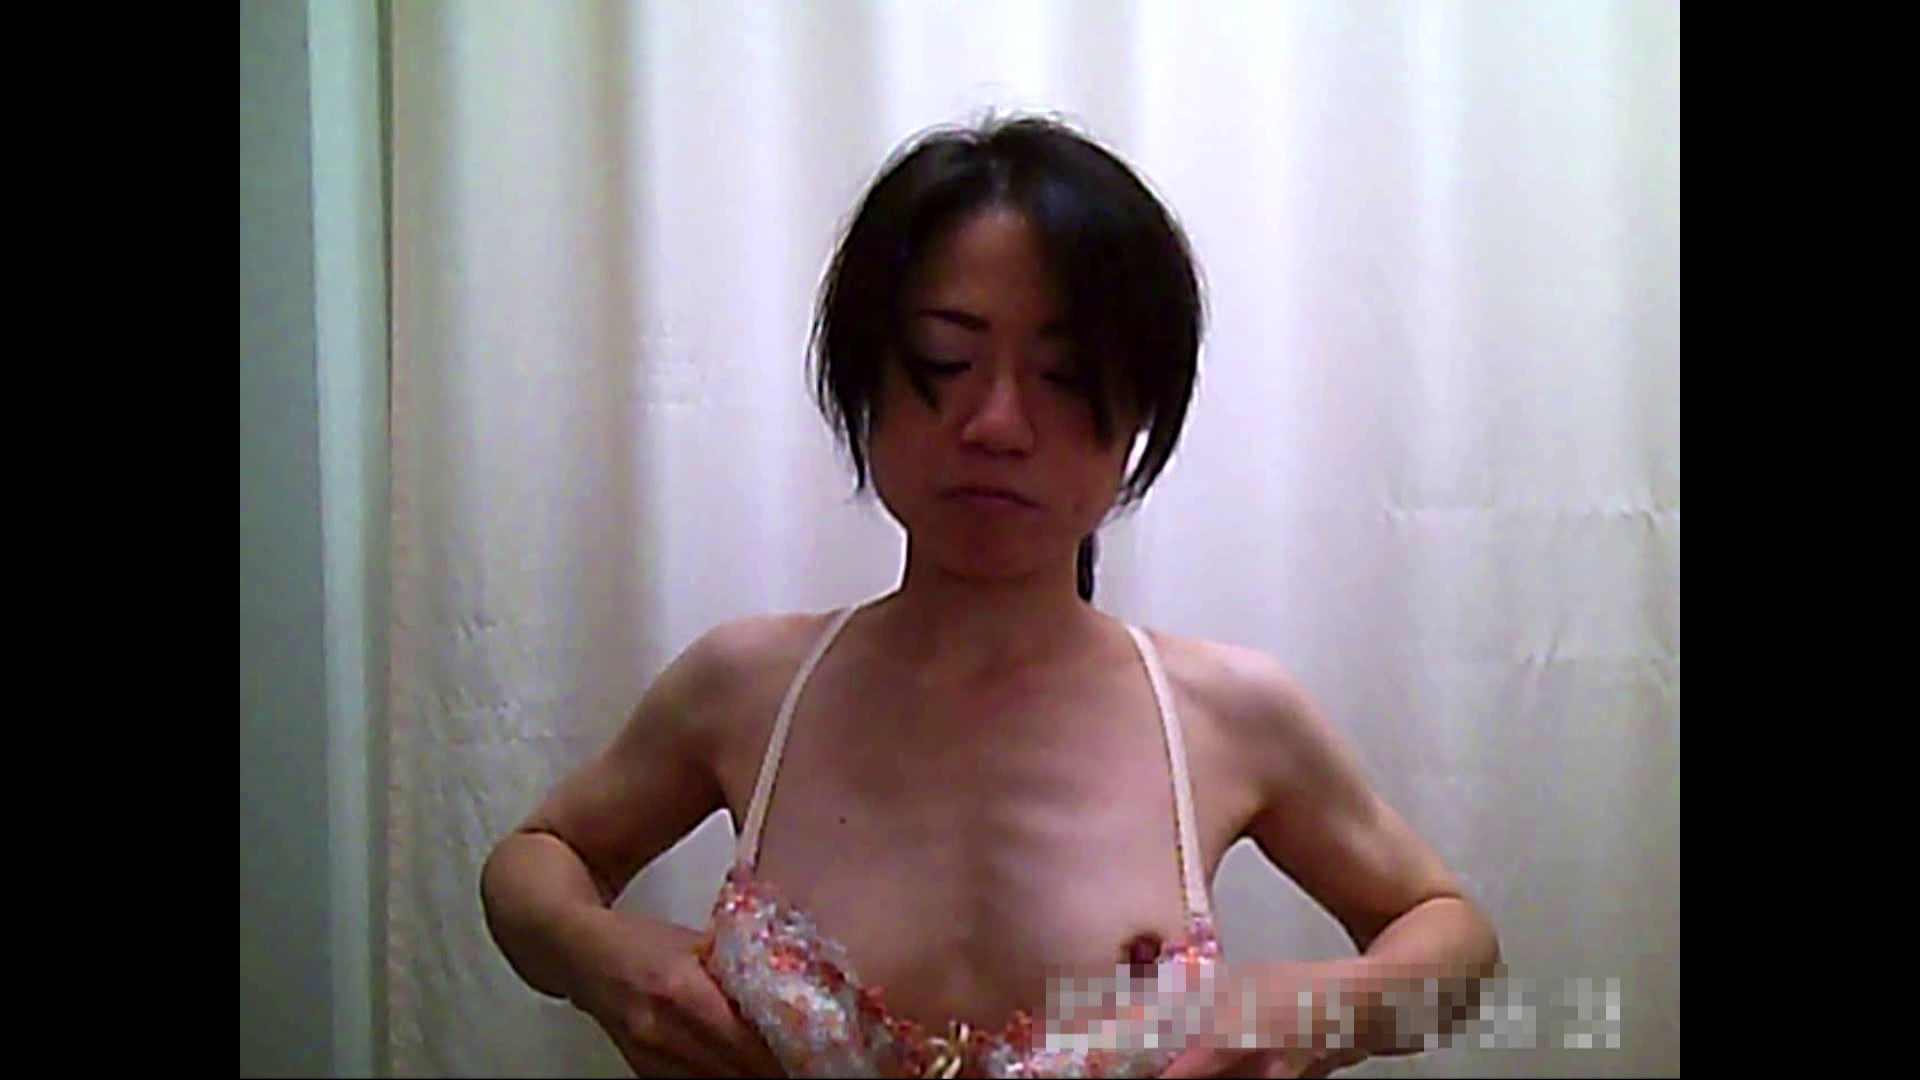 元医者による反抗 更衣室地獄絵巻 vol.117 OL  102pic 34